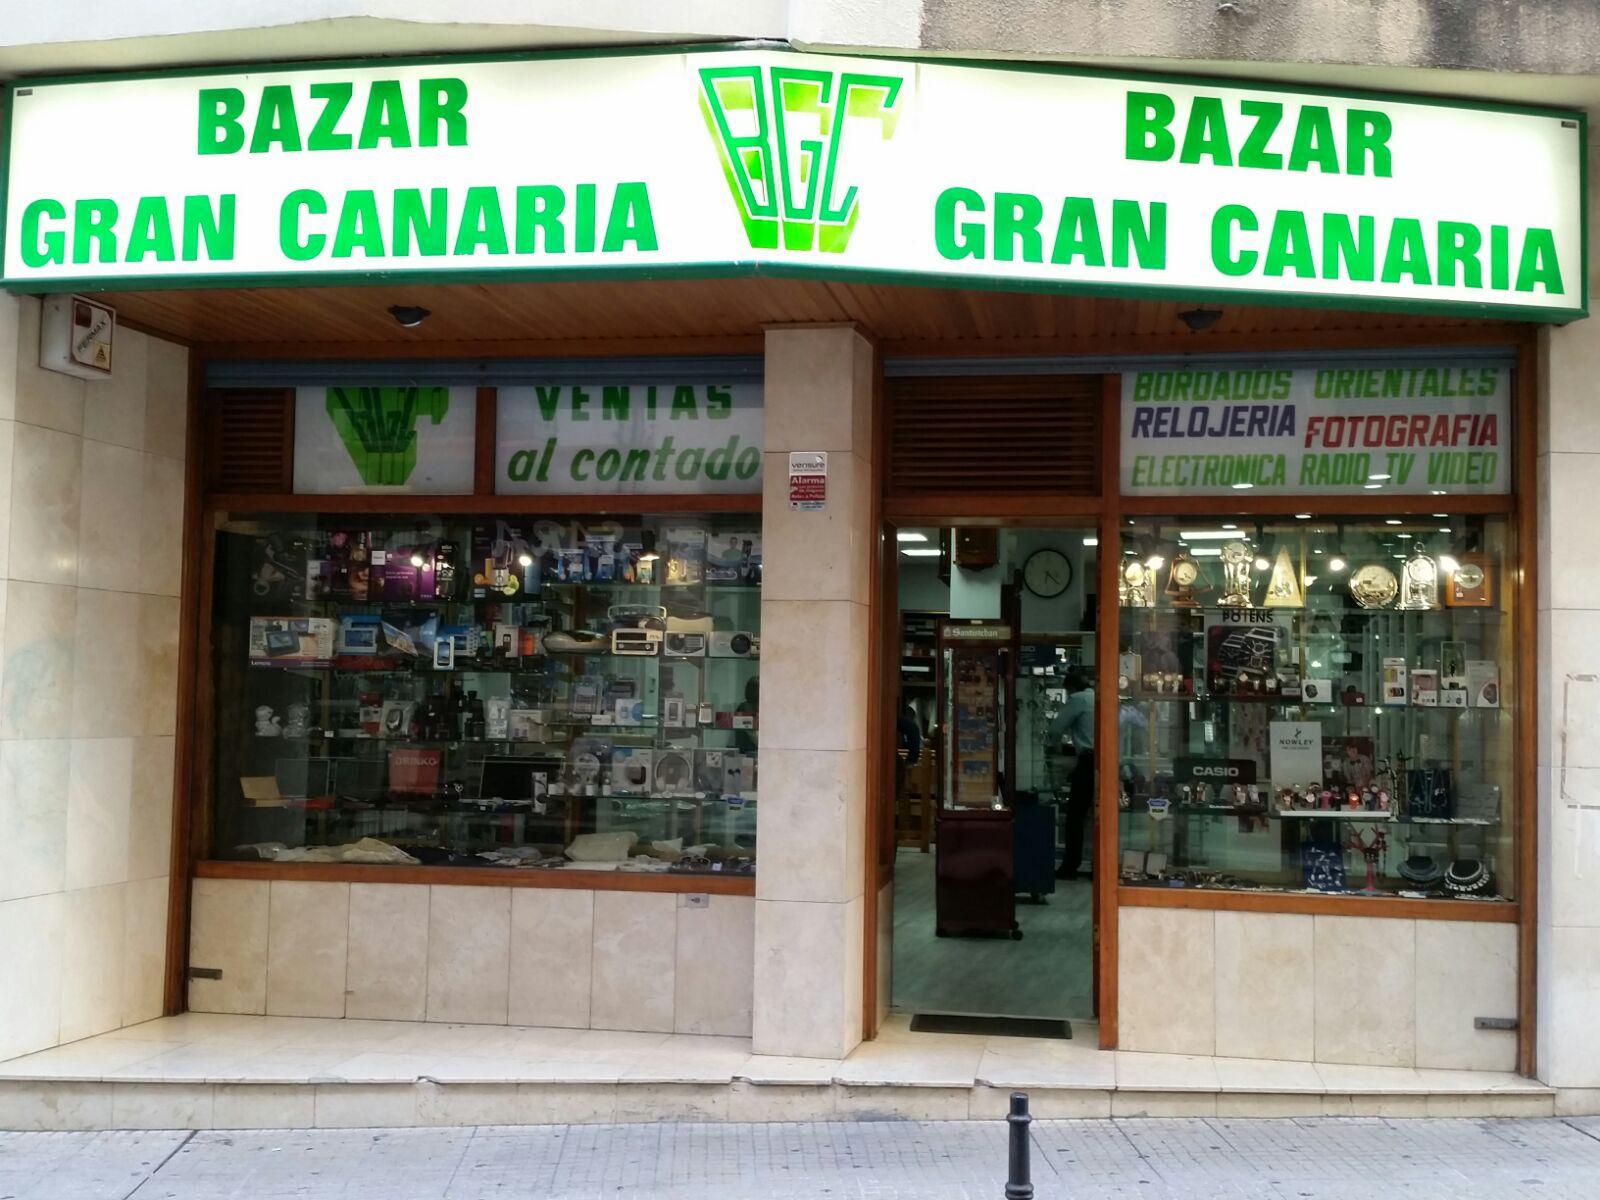 BAZAR GRAN CANARIA,